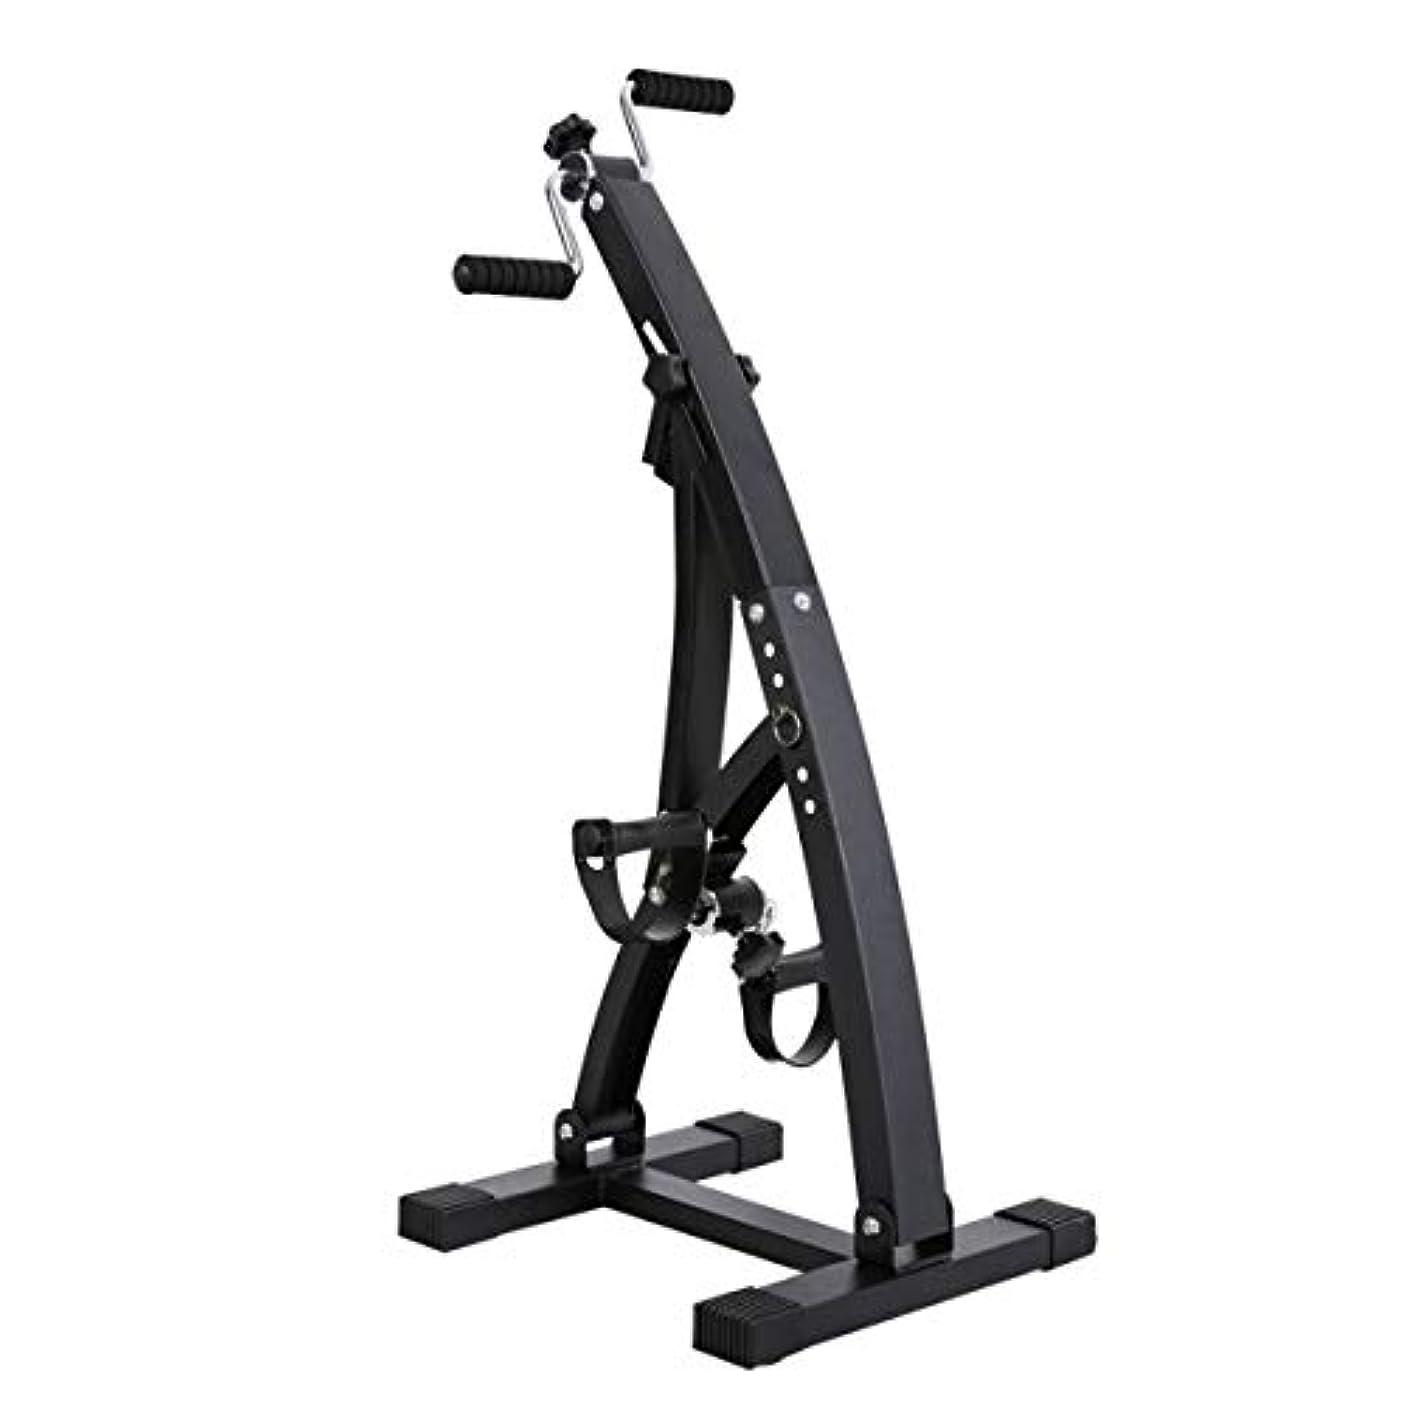 緩める藤色無駄メディカル全身エクササイザー、 折り畳み式の腕と脚のペダルエクササイザー、上肢および下肢のトレーニング機器、筋萎縮リハビリテーション訓練を防ぐ,A